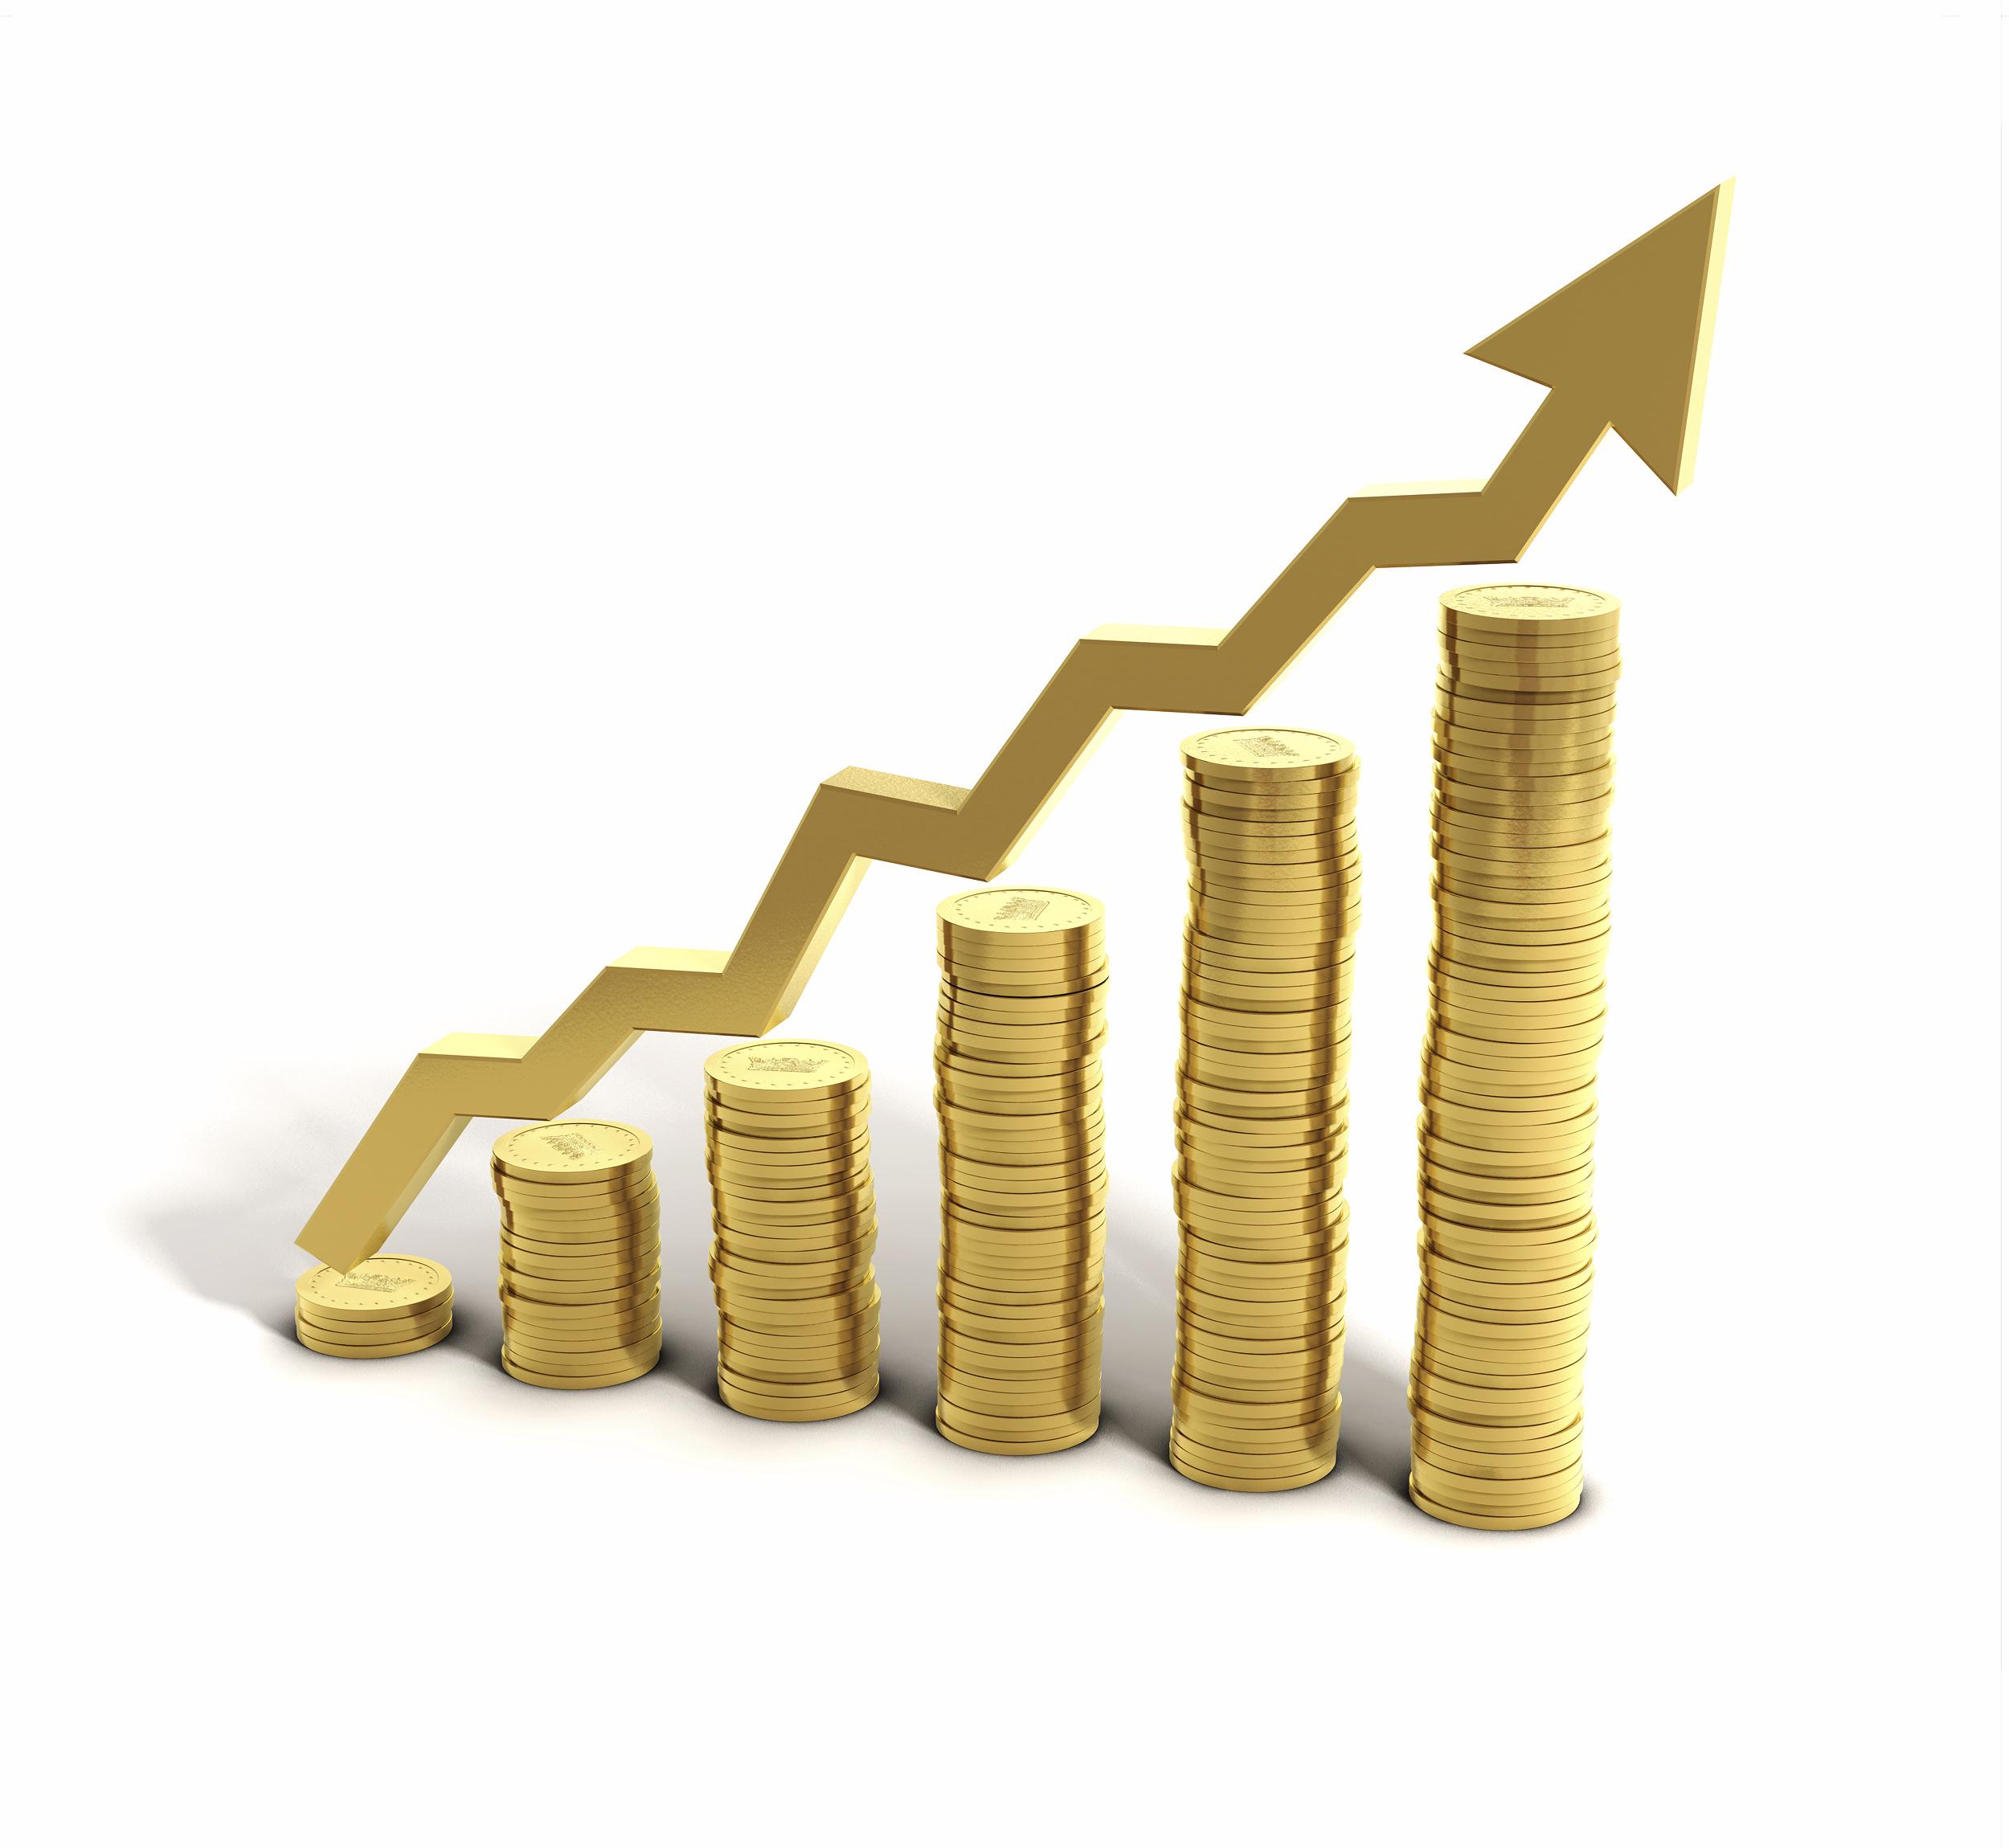 Фонд «Nordhill Capital» предлагает на доверительном управлении капиталом увеличить свою прибыль более чем на 100%